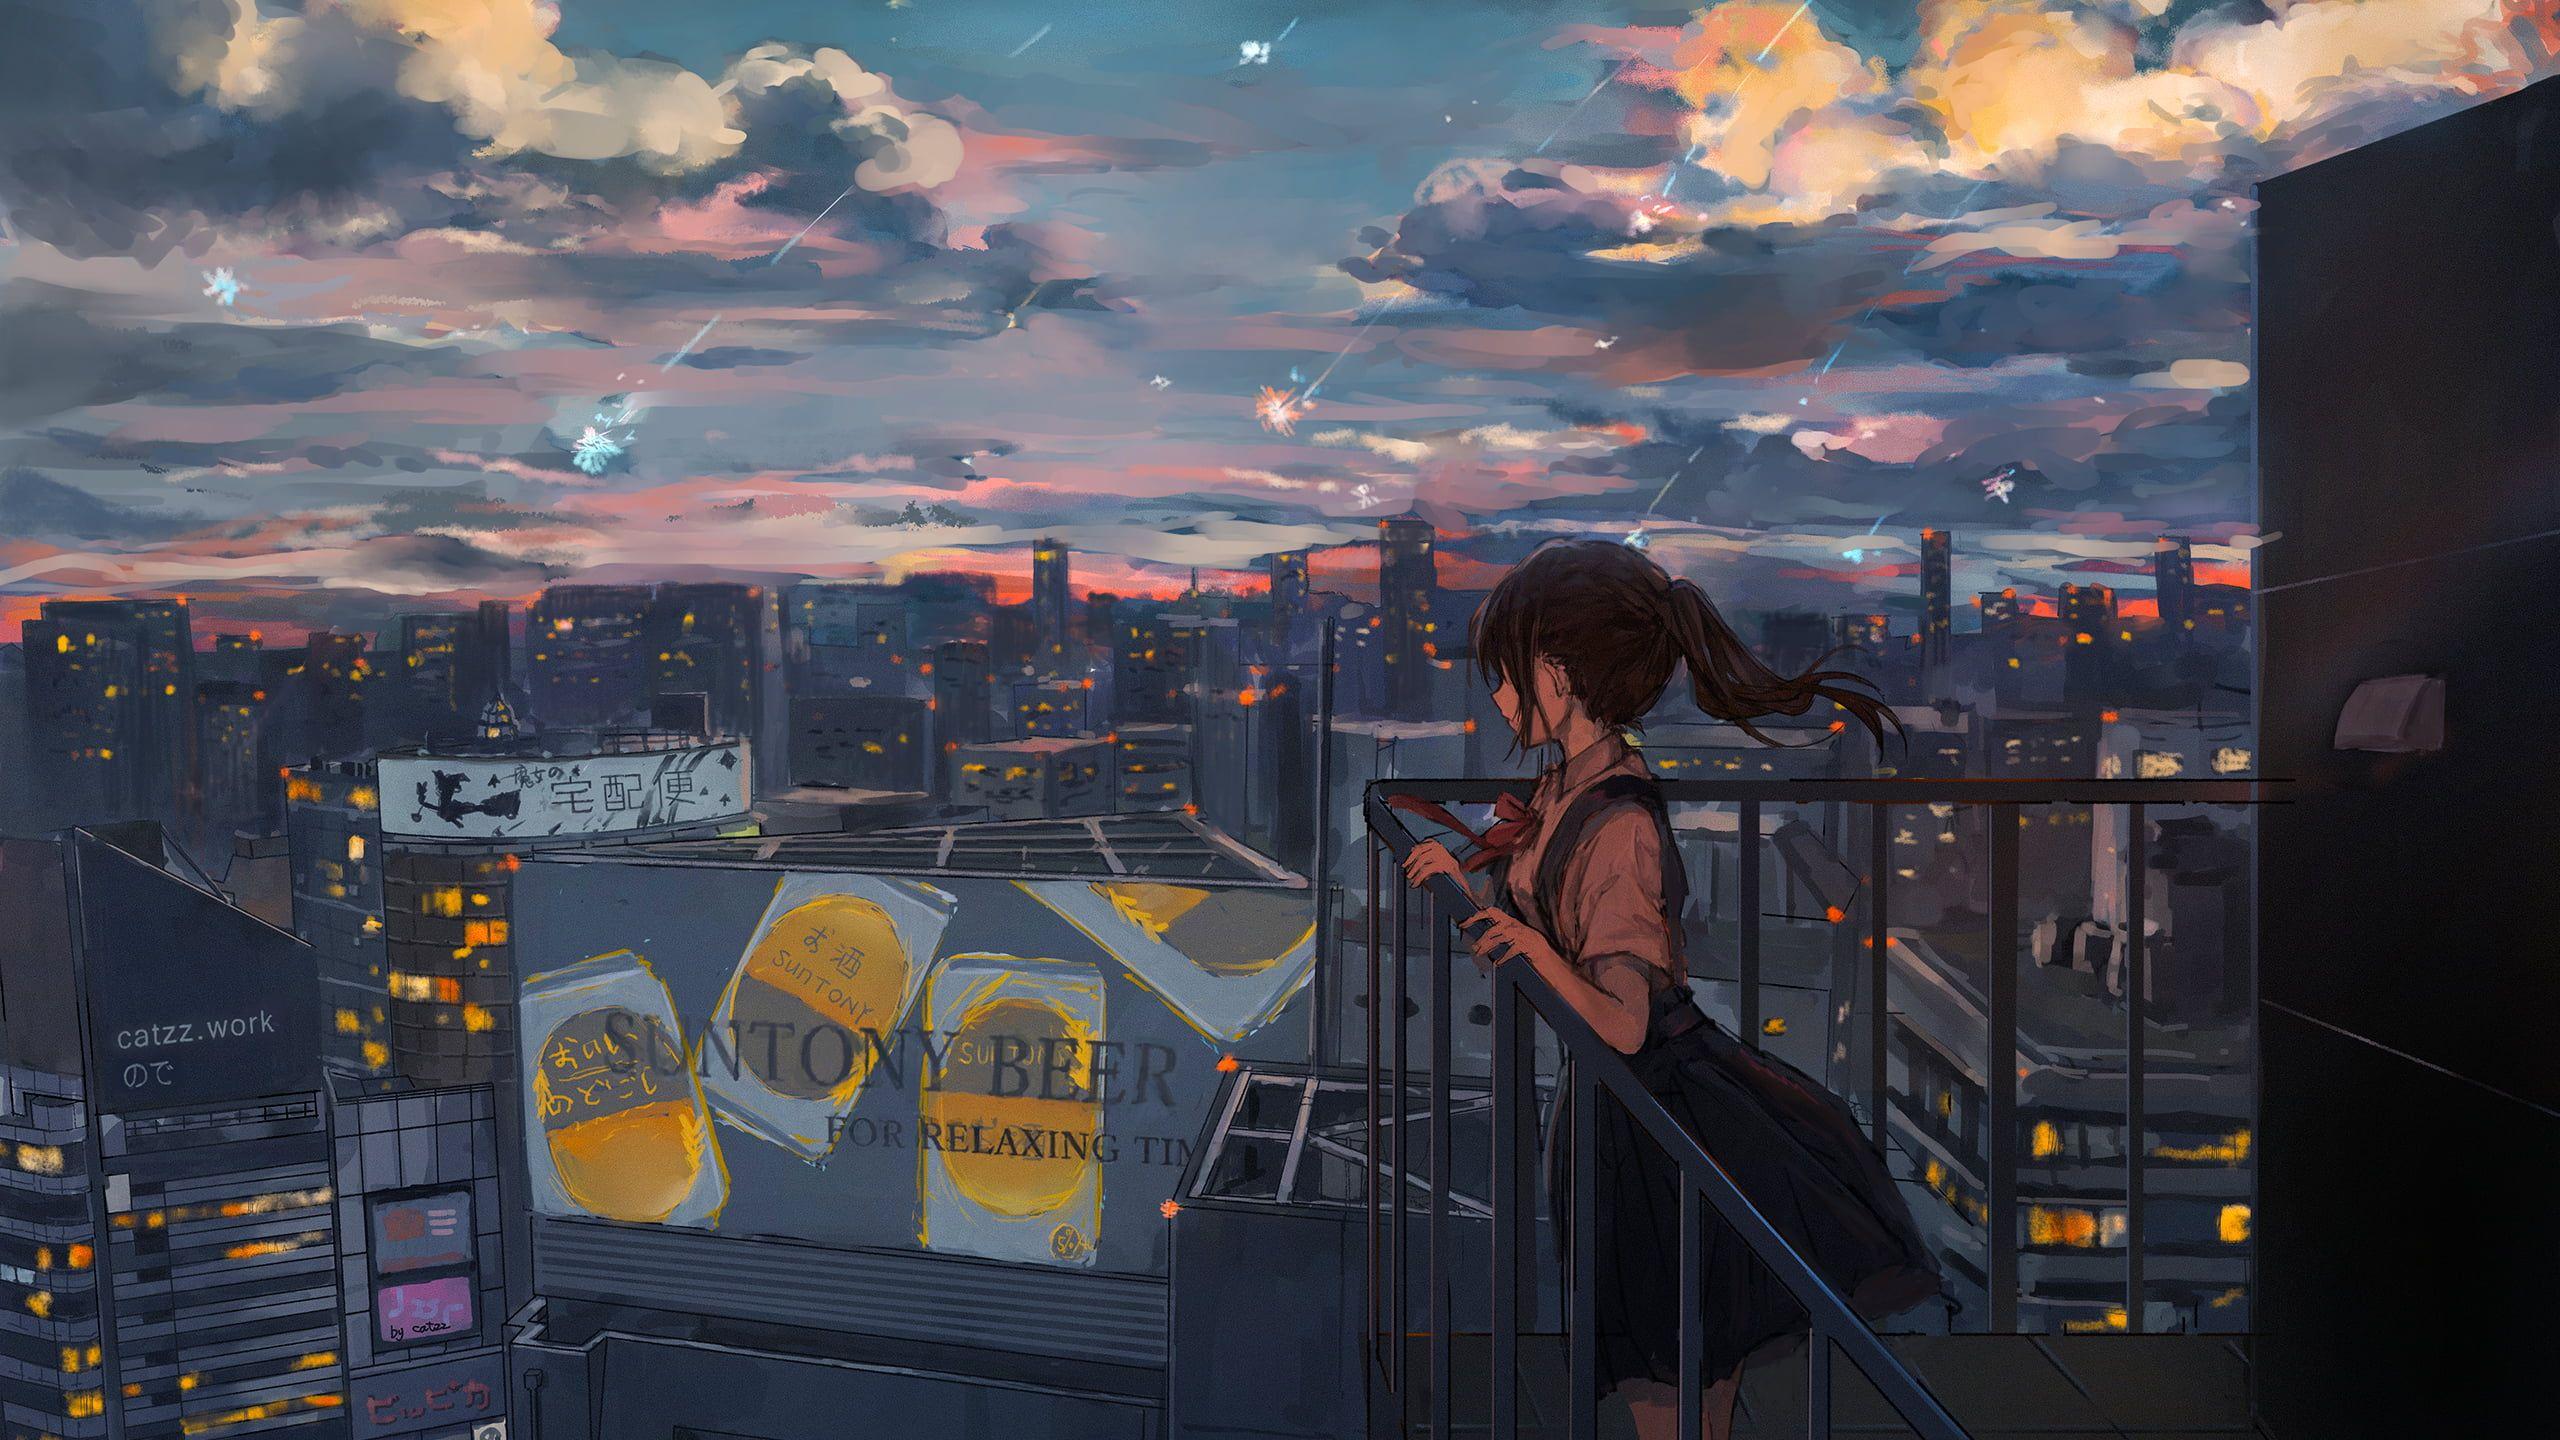 Woman Holding Railing Drawing Anime Anime Girls 2k Wallpaper Hdwallpaper Desktop Lukisan Seni Gambar Latar Belakang